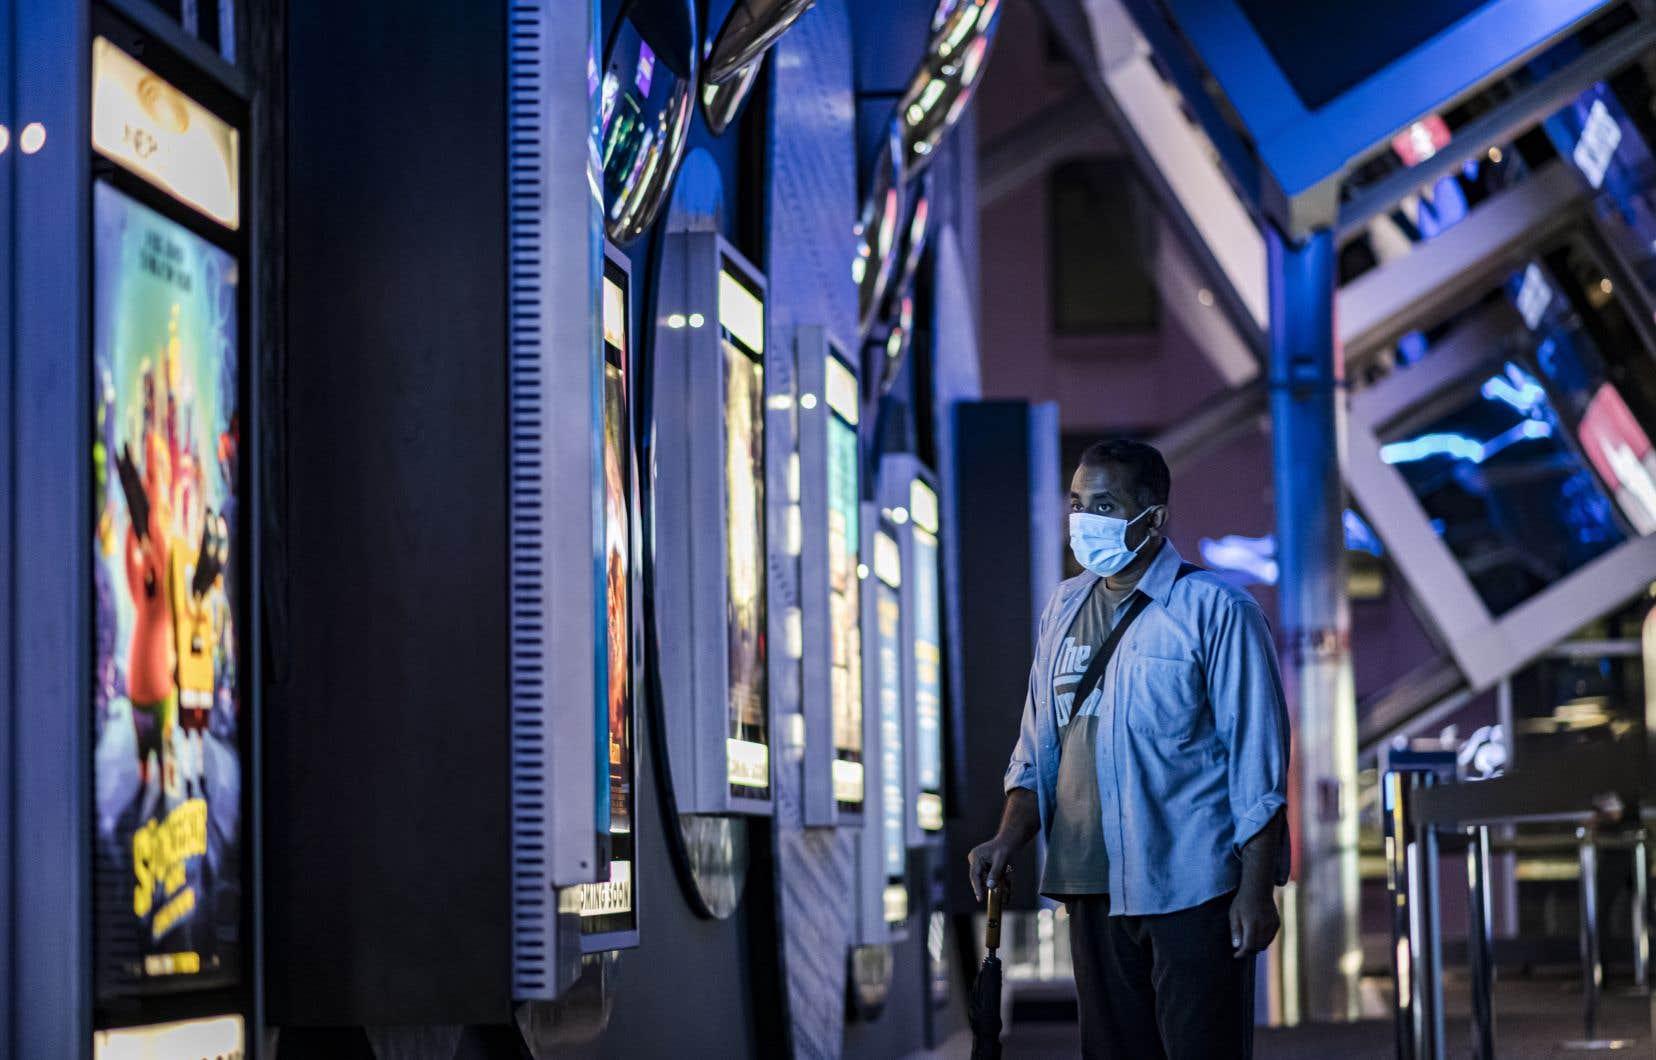 Avec cet accord, les films d'Universal Pictures et Focus Features seront désormais présentés dans les cinémas pendant trois fins de semaines, contre 90 jours auparavant, avant que le studio puisse choisir de les rendre disponibles à domicile sur les plateformes de location numériques.